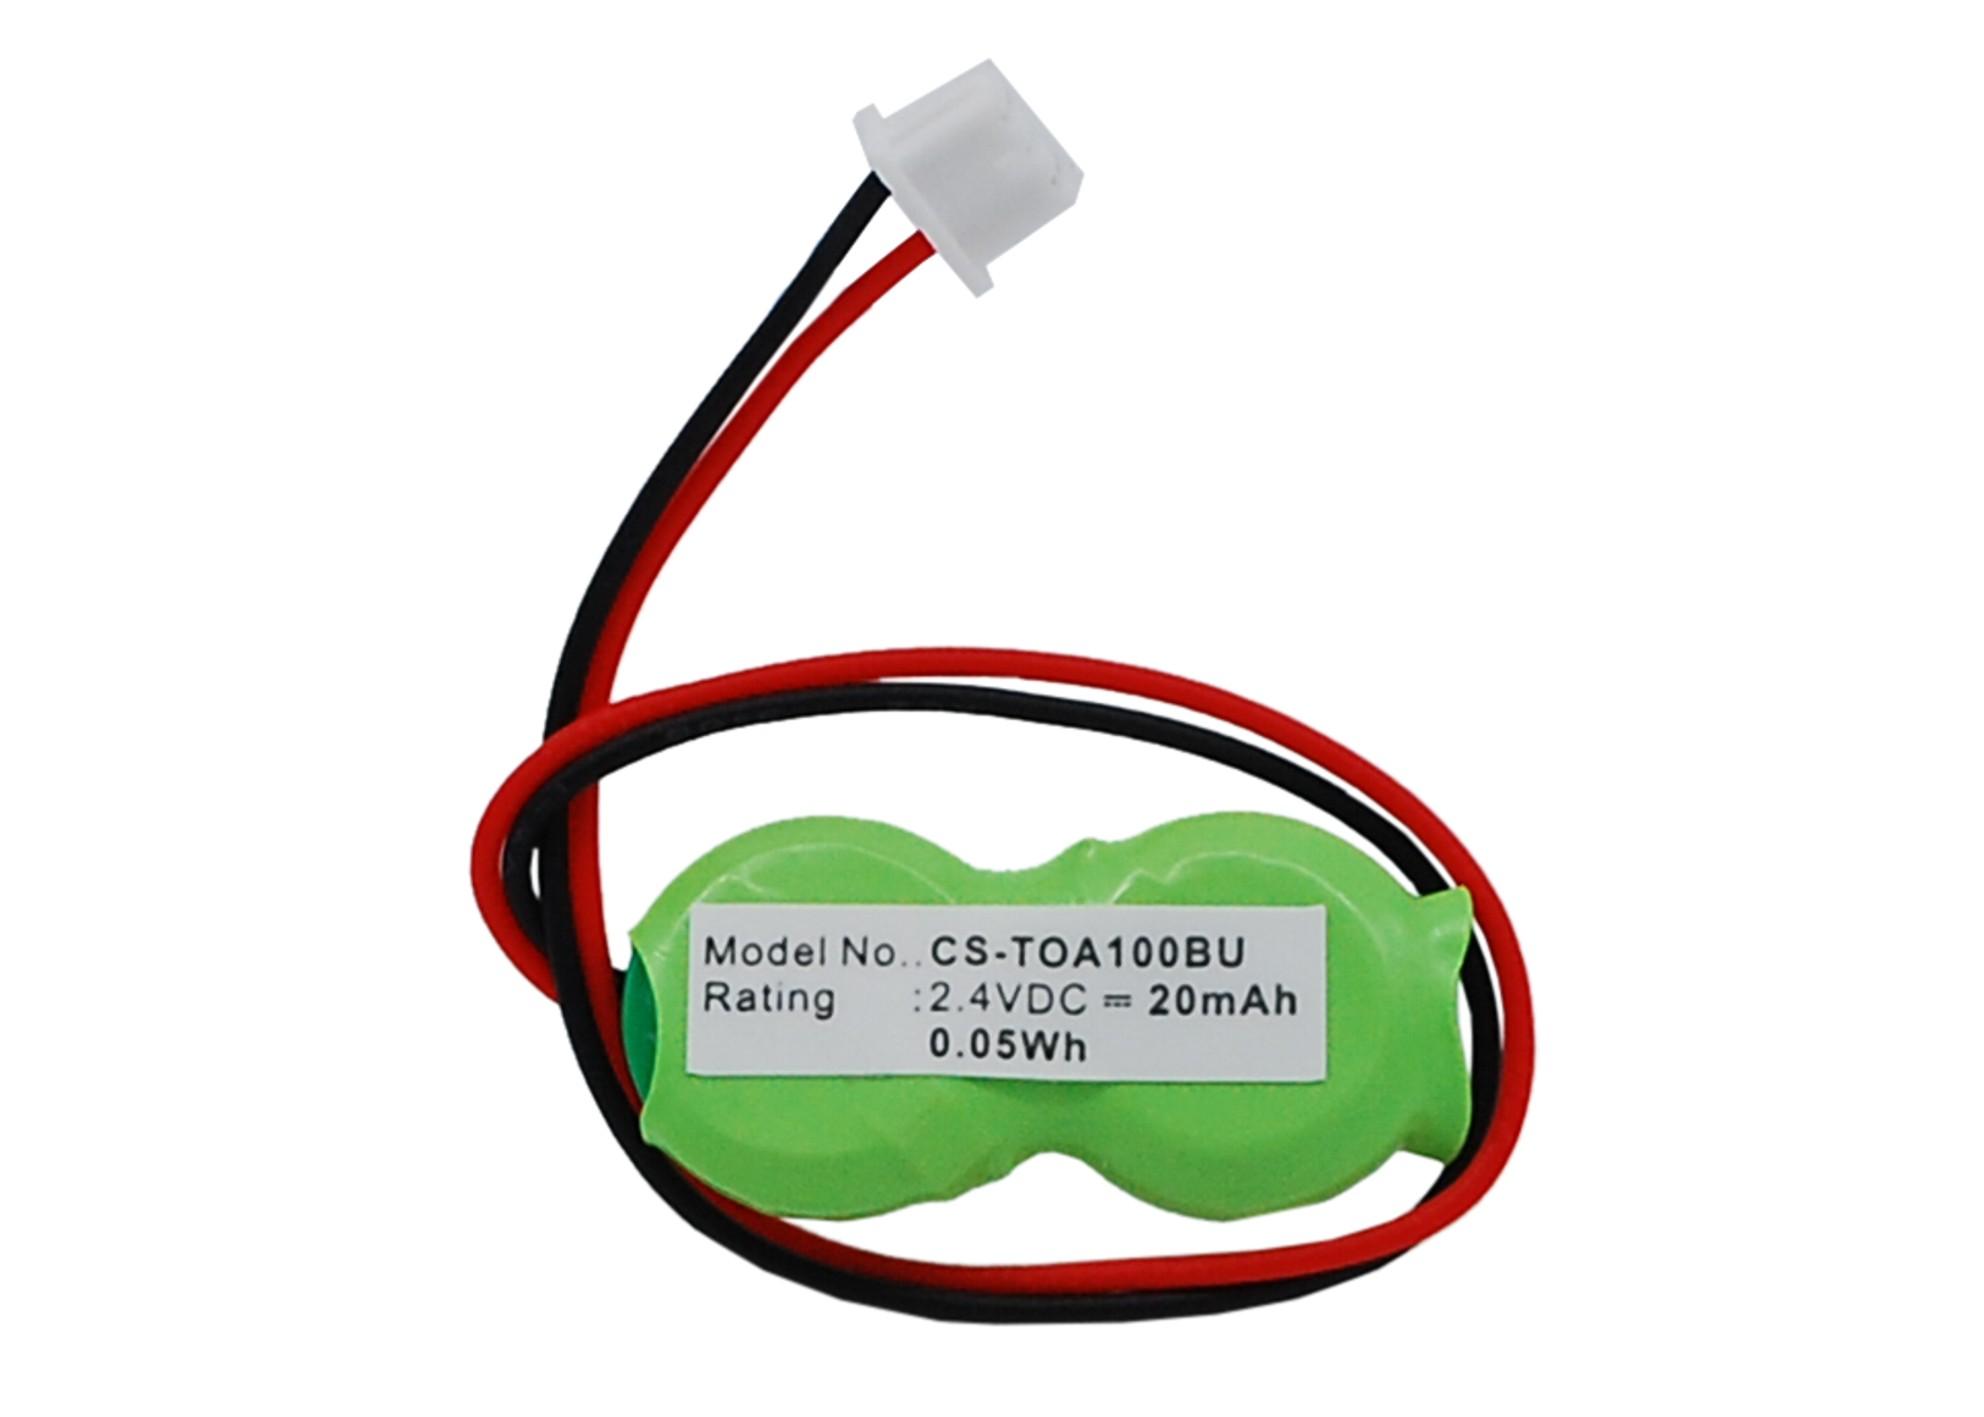 Cameron Sino baterie cmos pro TOSHIBA Satellite Pro U200-134 2.4V Ni-MH 20mAh zelená - neoriginální